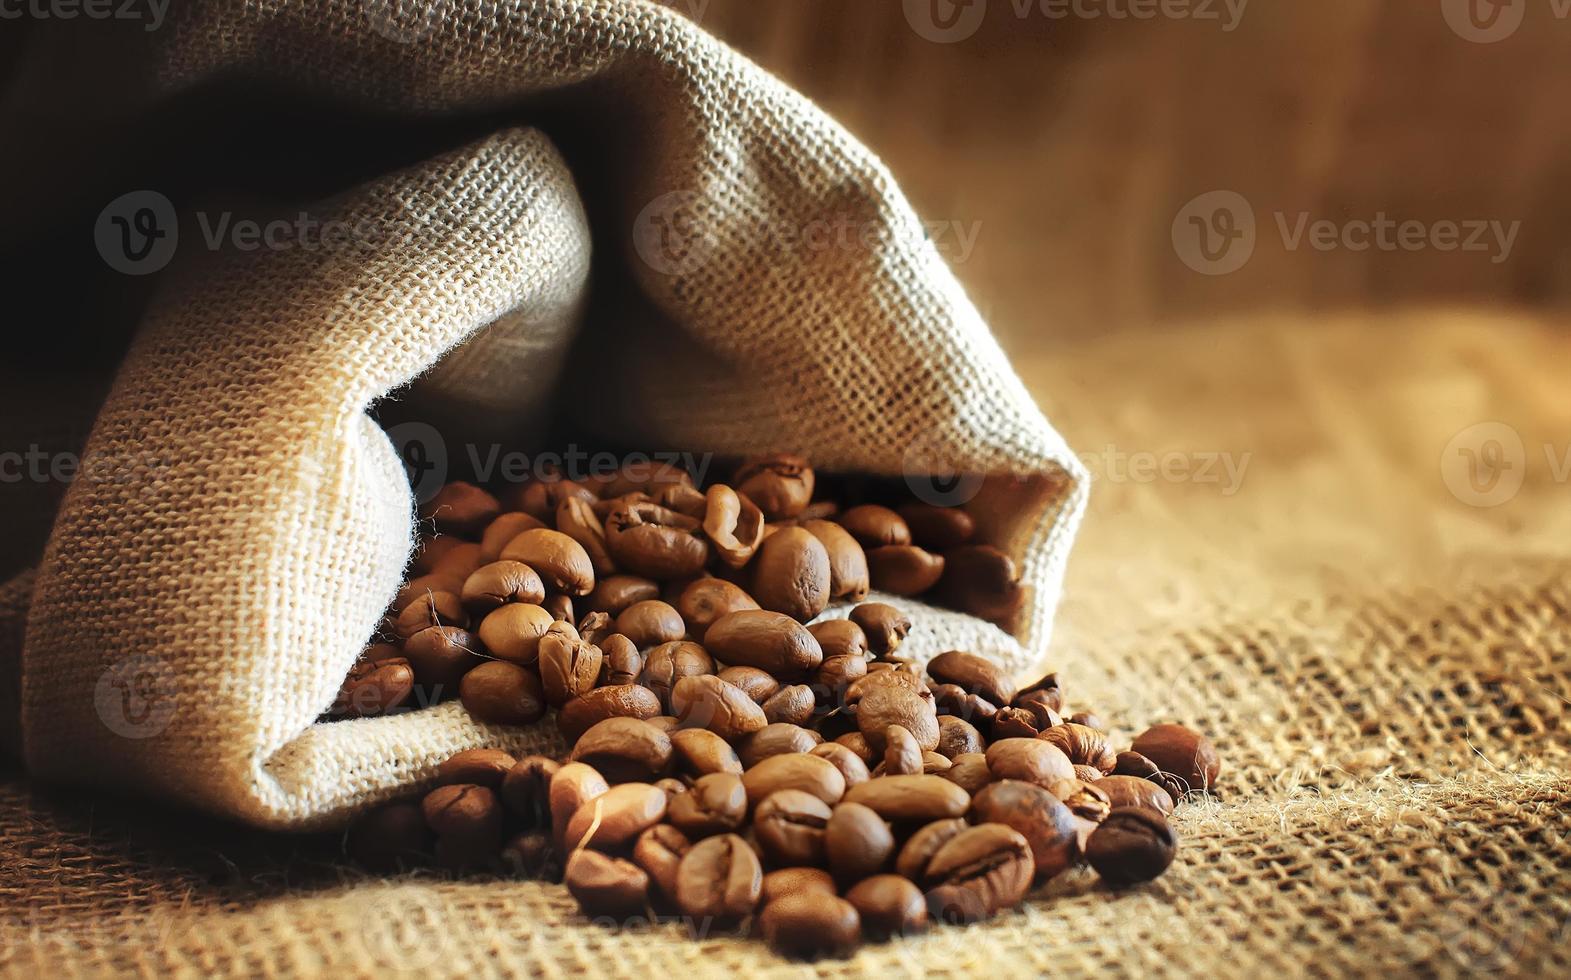 gebrande koffiebonen morsen uit de zak foto